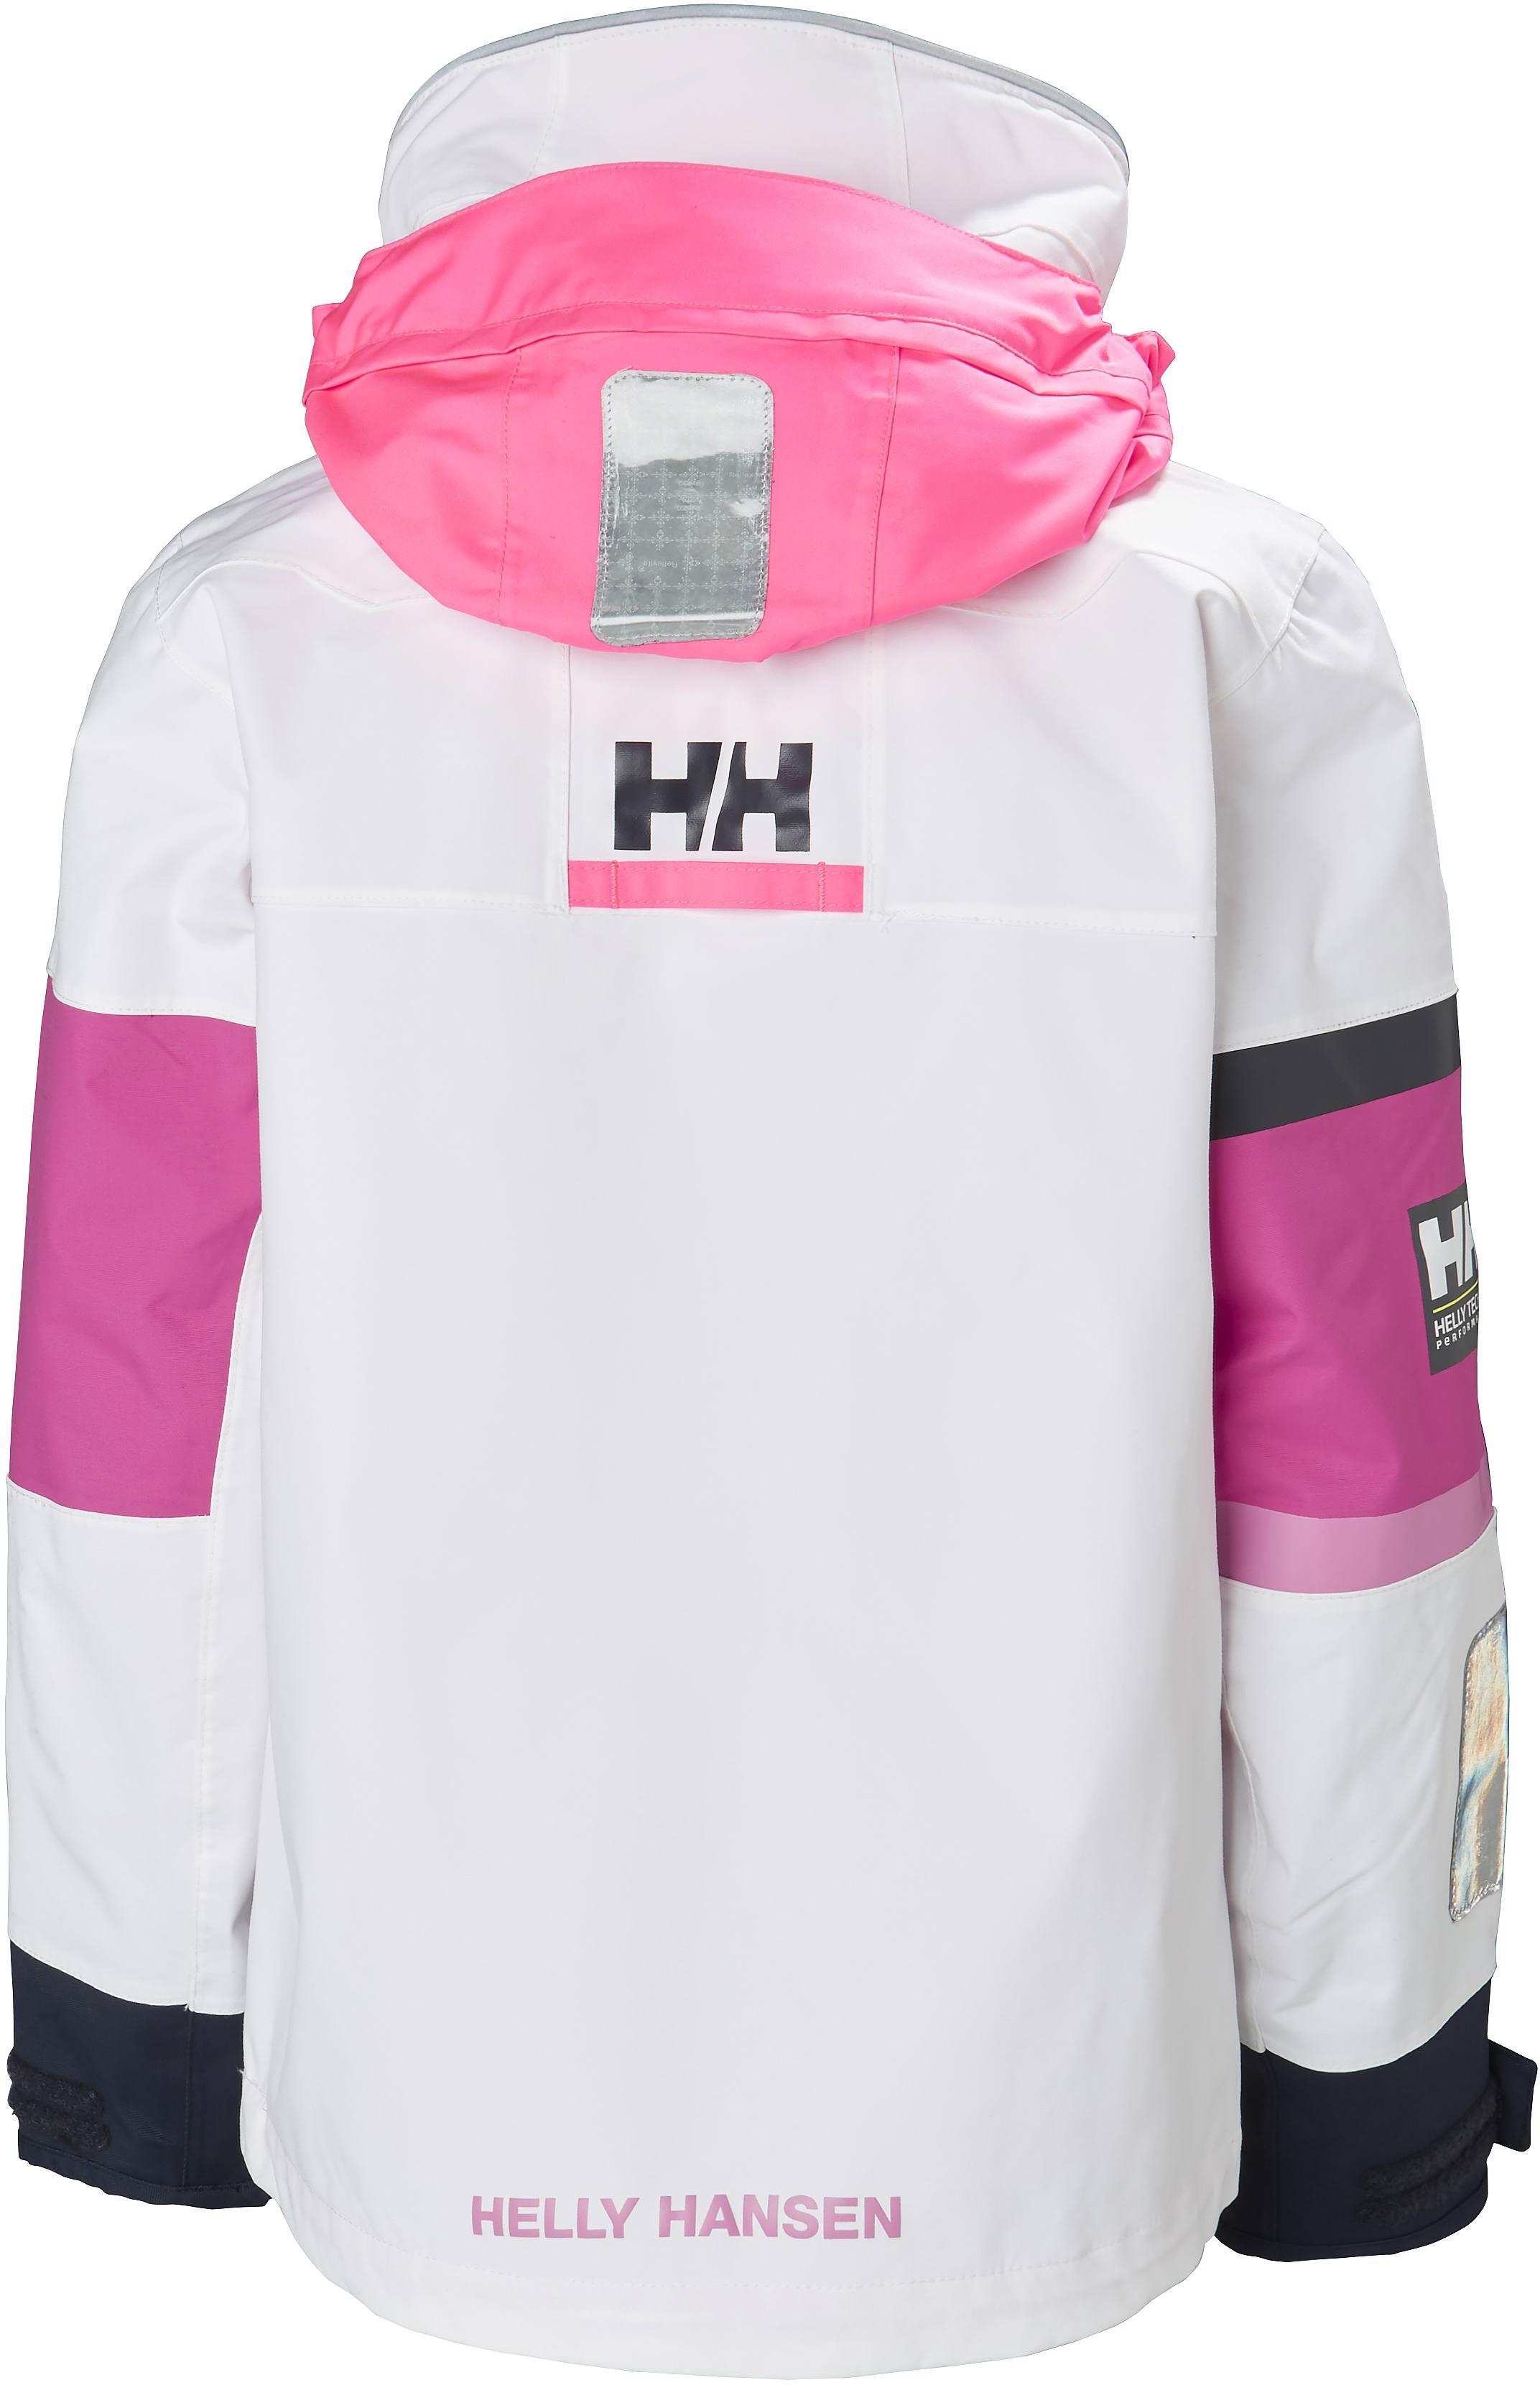 0c1ccc92c435 Helly Hansen Jr Salt Coast Jacket | Scandinavian Outdoor